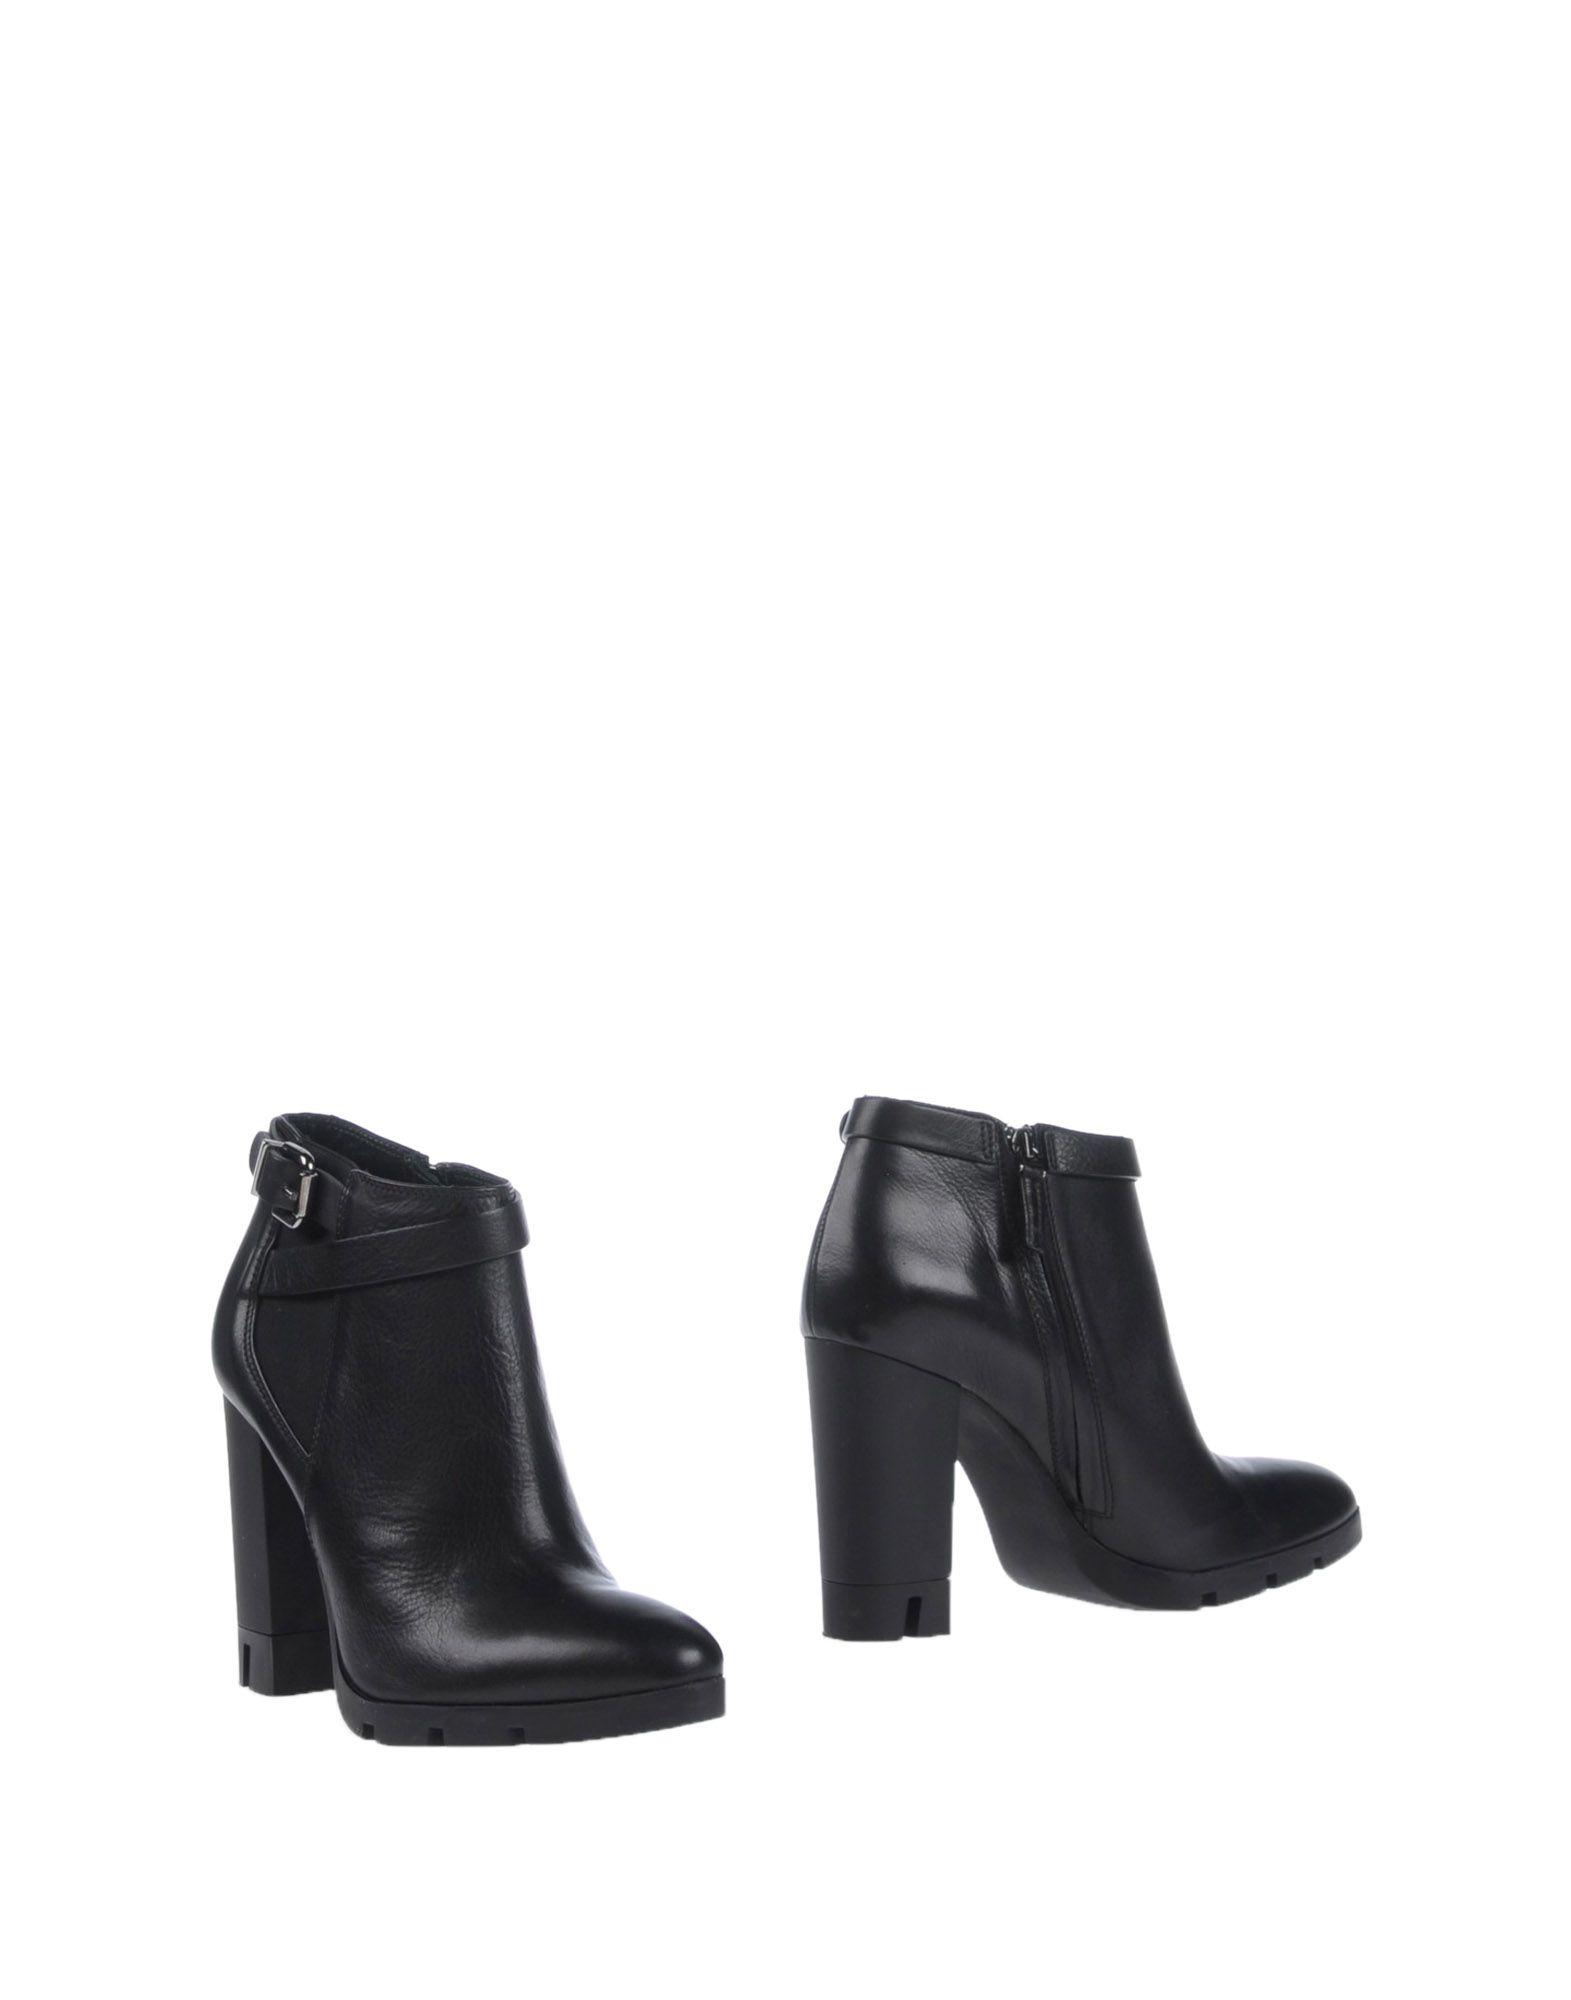 J|D Julie Dee Stiefelette Damen  11016753BE Gute Qualität beliebte Schuhe